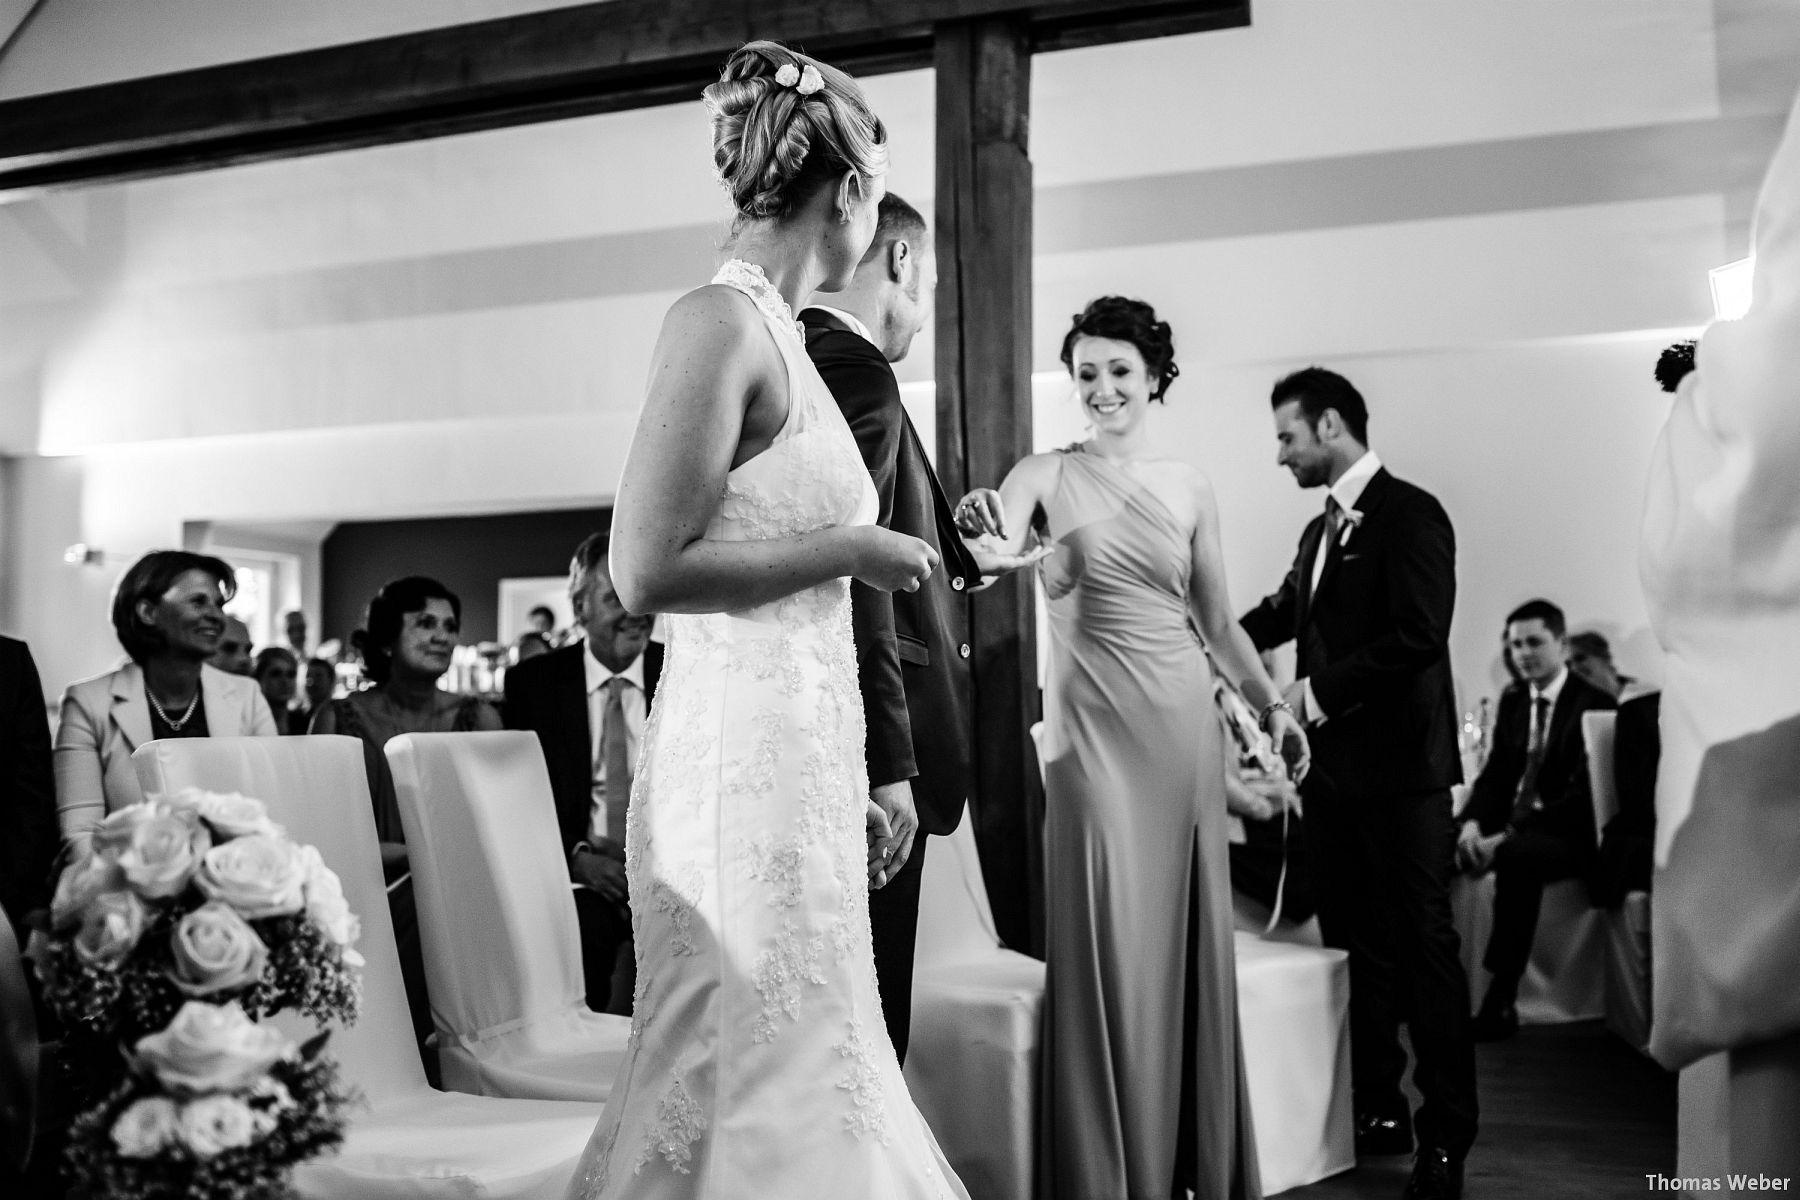 Hochzeitsfotograf Oldenburg: Hochzeit in der Eventscheune St. Georg in Rastede (55)